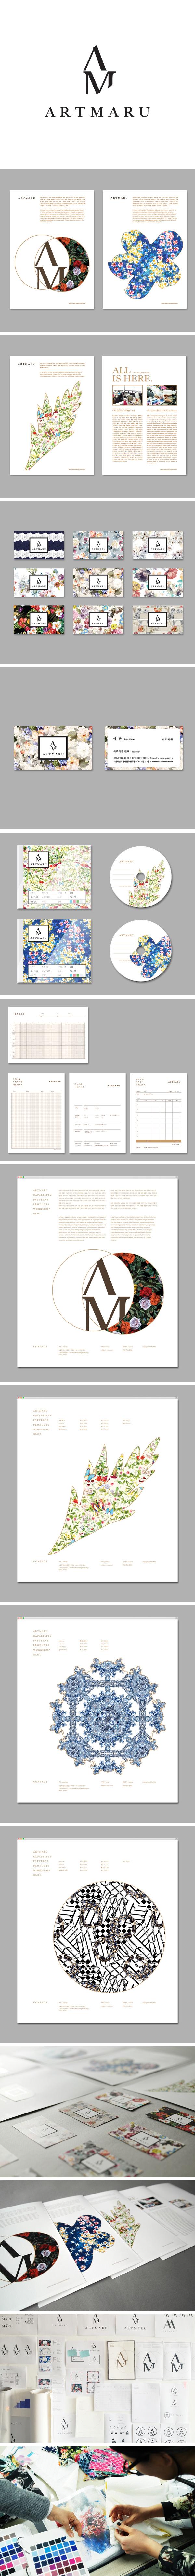 프린트패턴 디자인 회사 아트마루 브랜드   Brand design of pattern design company ARTMARU. www.wvdesign.kr